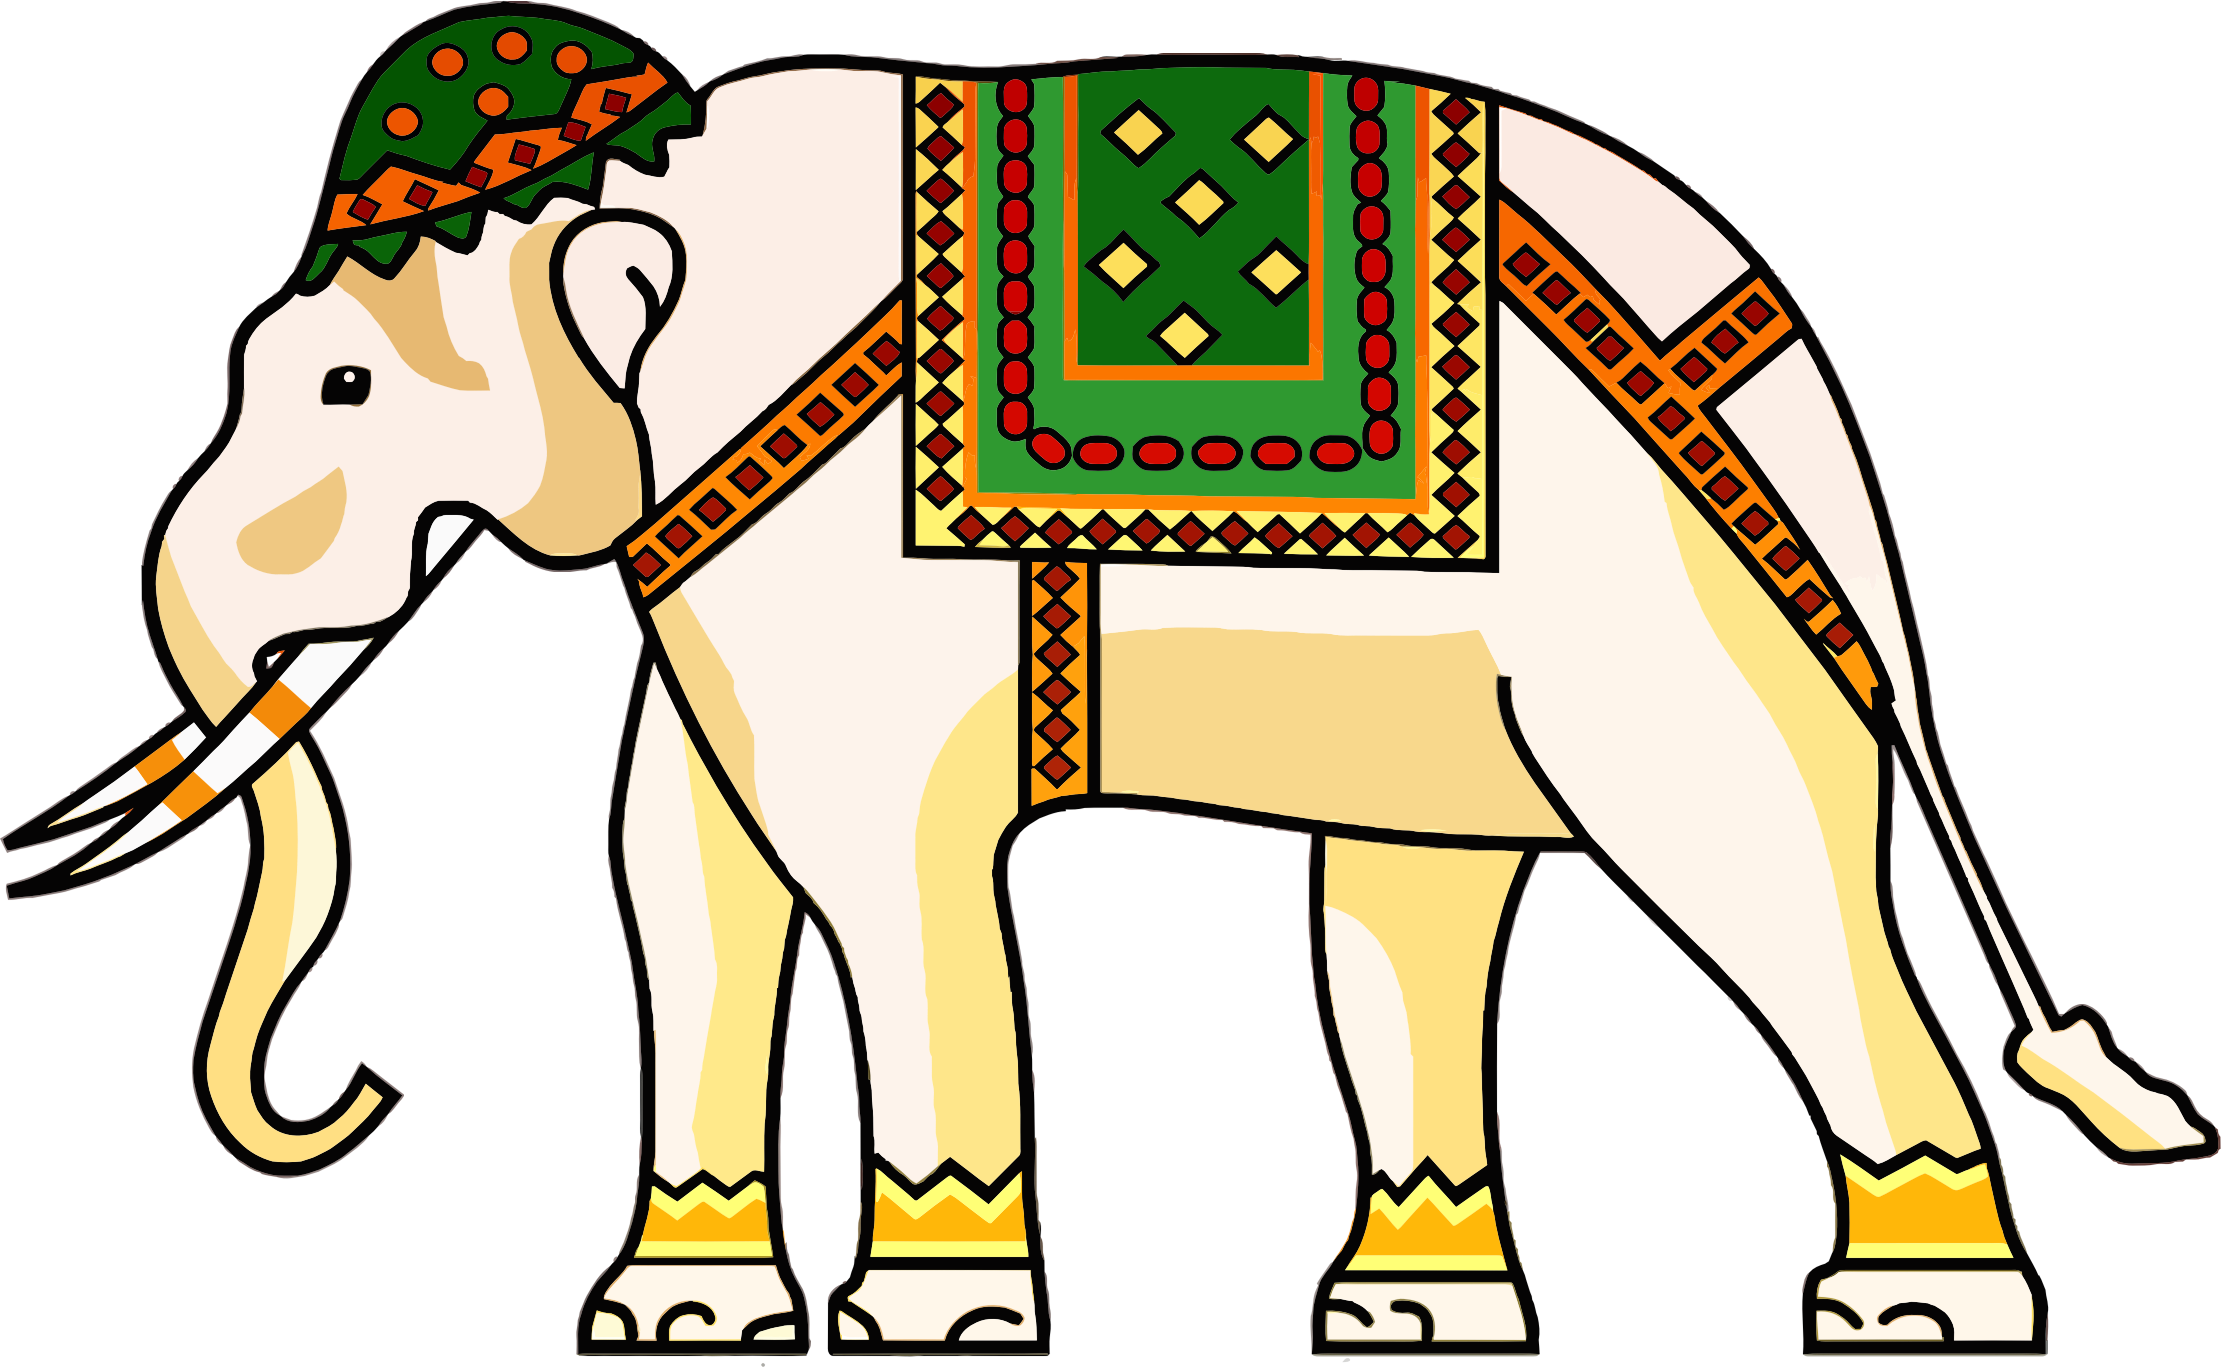 Asian Elephant clipart ornamental Clipart Elephant Decorated Decorated Ornamental